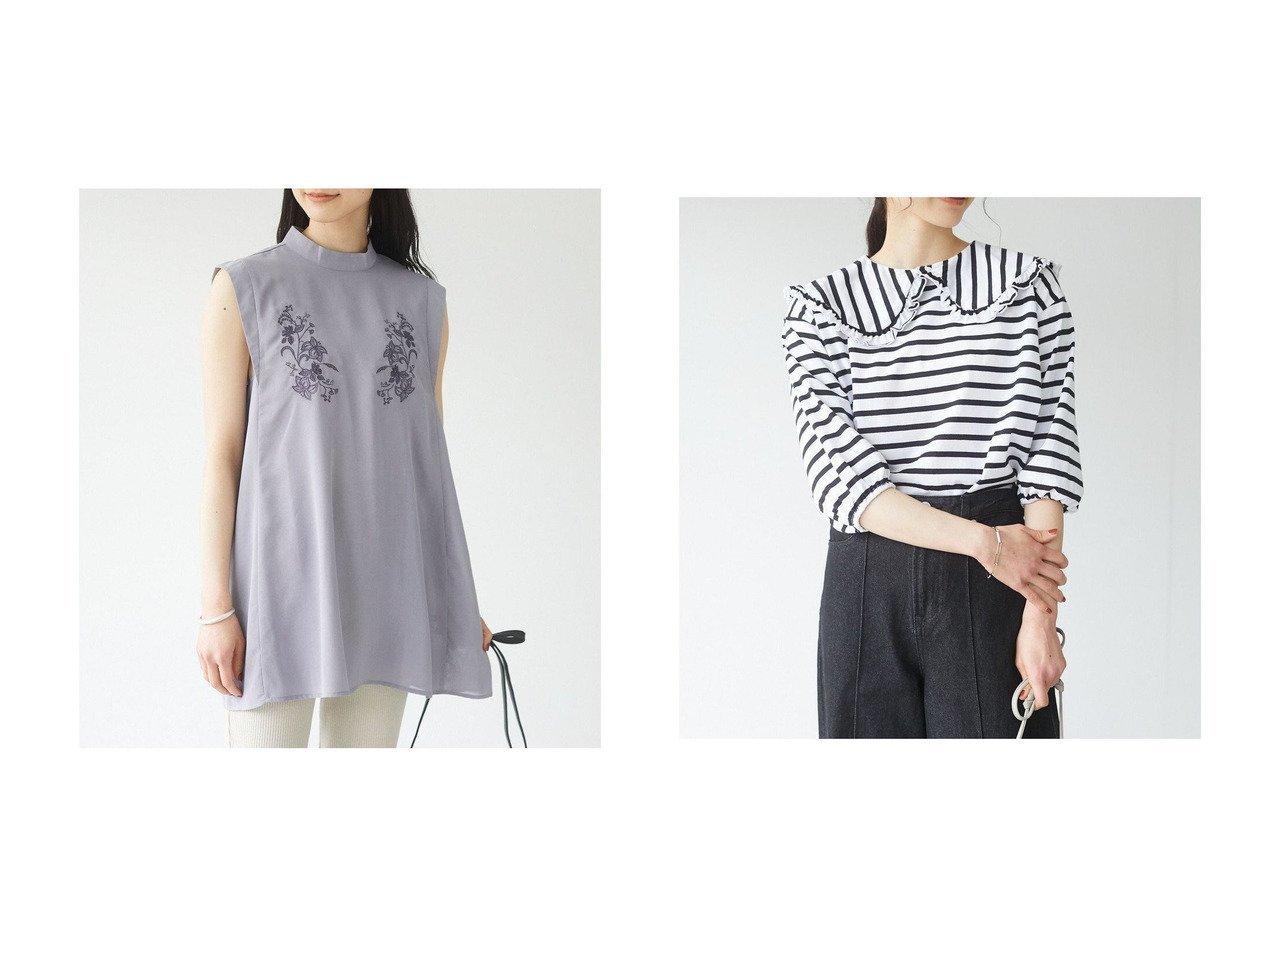 【Green Parks/グリーンパークス】の・ELENCARE DUE 刺繍ノースリチュニック&・RAY CASSIN ビックカラーボーダーTシャツ 【プチプライス・低価格】おすすめ!人気、トレンド・レディースファッションの通販 おすすめで人気の流行・トレンド、ファッションの通販商品 インテリア・家具・メンズファッション・キッズファッション・レディースファッション・服の通販 founy(ファニー) https://founy.com/ ファッション Fashion レディースファッション WOMEN トップス・カットソー Tops/Tshirt シャツ/ブラウス Shirts/Blouses ロング / Tシャツ T-Shirts カットソー Cut and Sewn ワンピース Dress チュニック Tunic 送料無料 Free Shipping カットソー ガーリー ビッグ フリル ボーダー チュニック ノースリーブ ハイネック フレア  ID:crp329100000055550